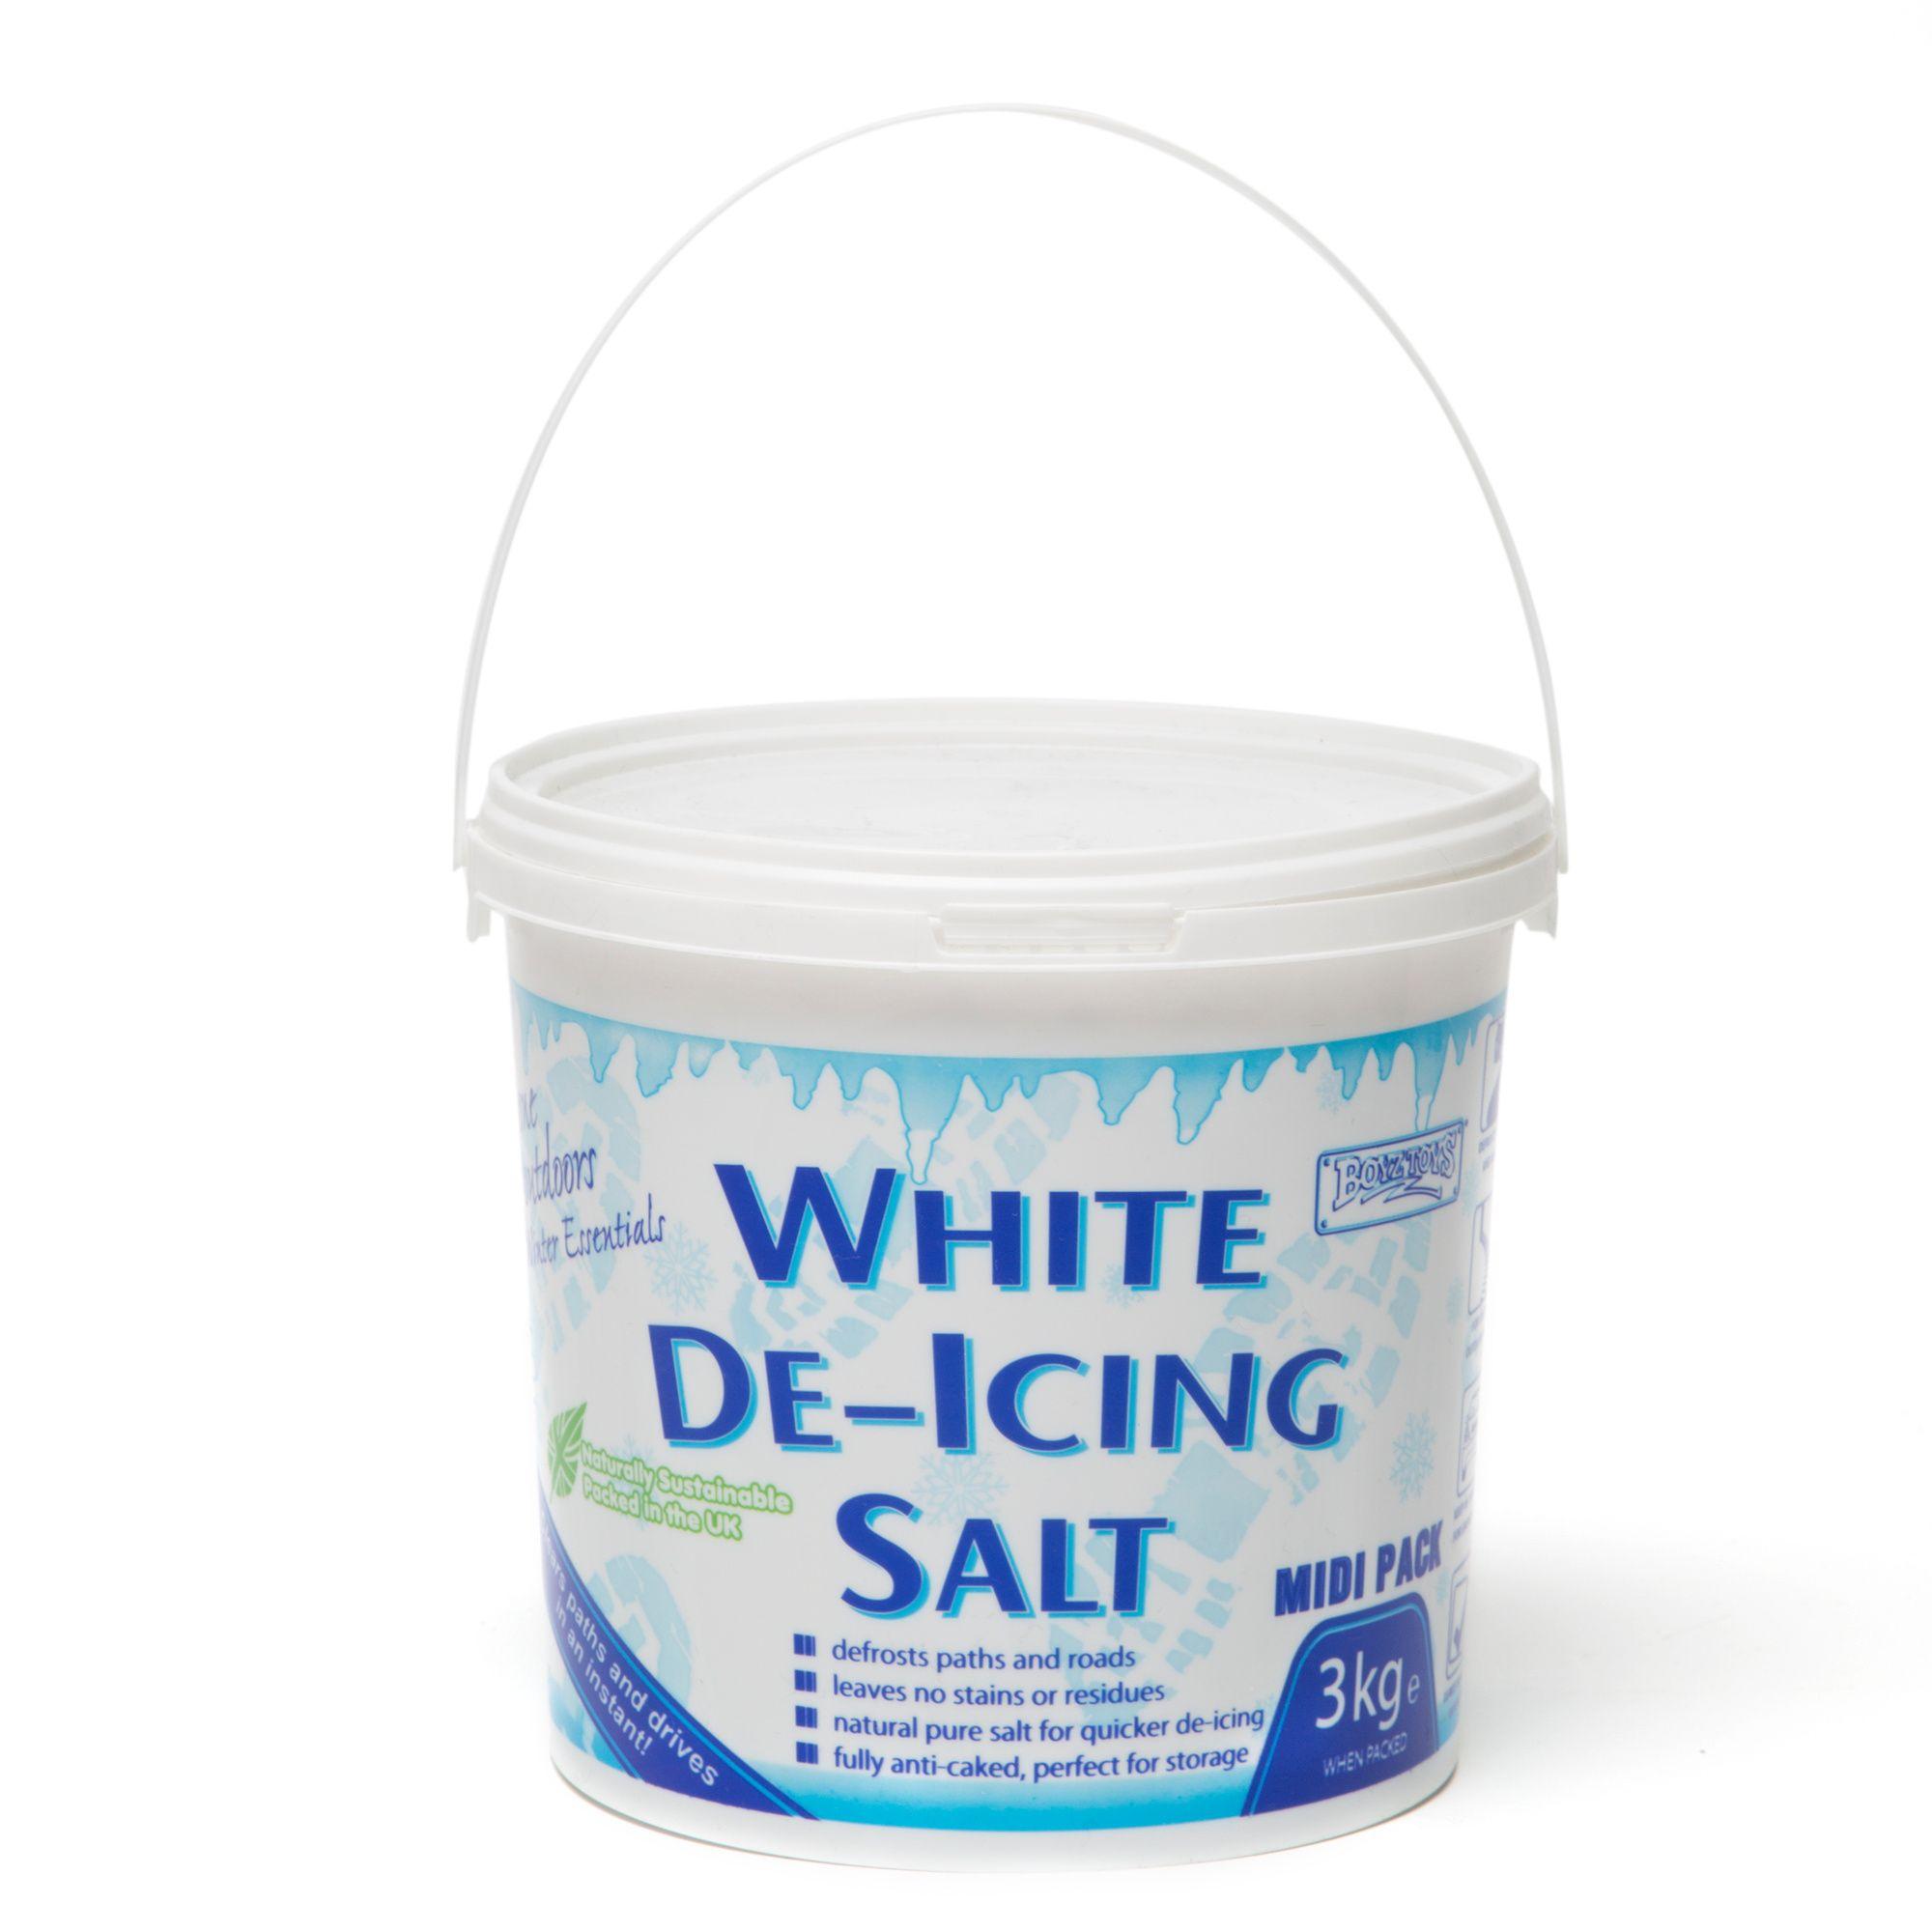 BOYZ TOYS White De-Icing Salt Midi 3kg